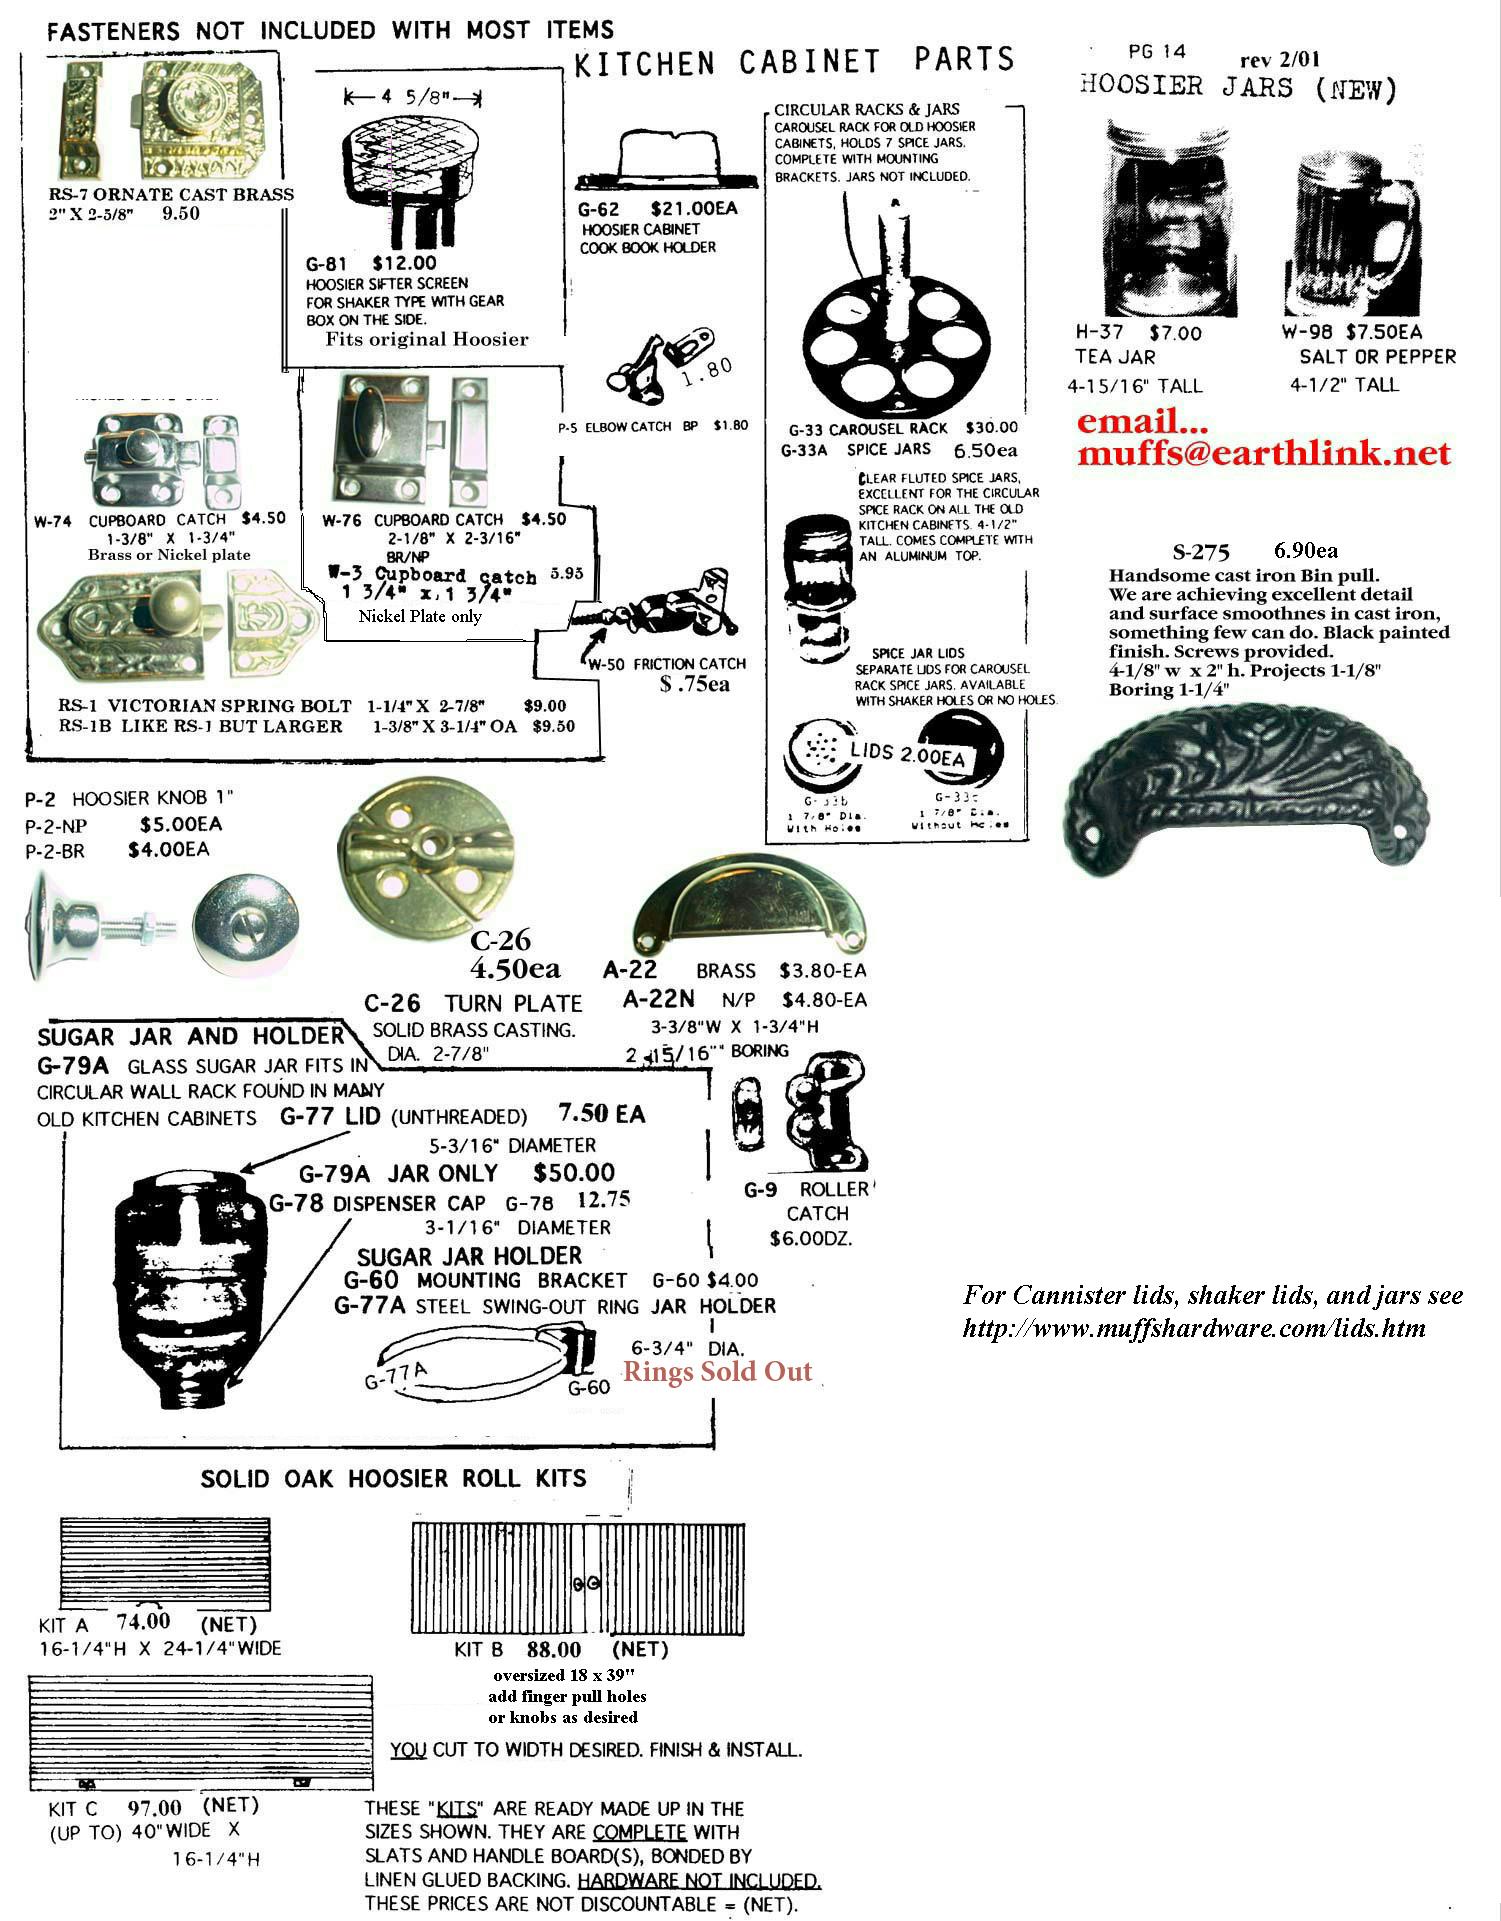 Muffshardware Hoosier Parts